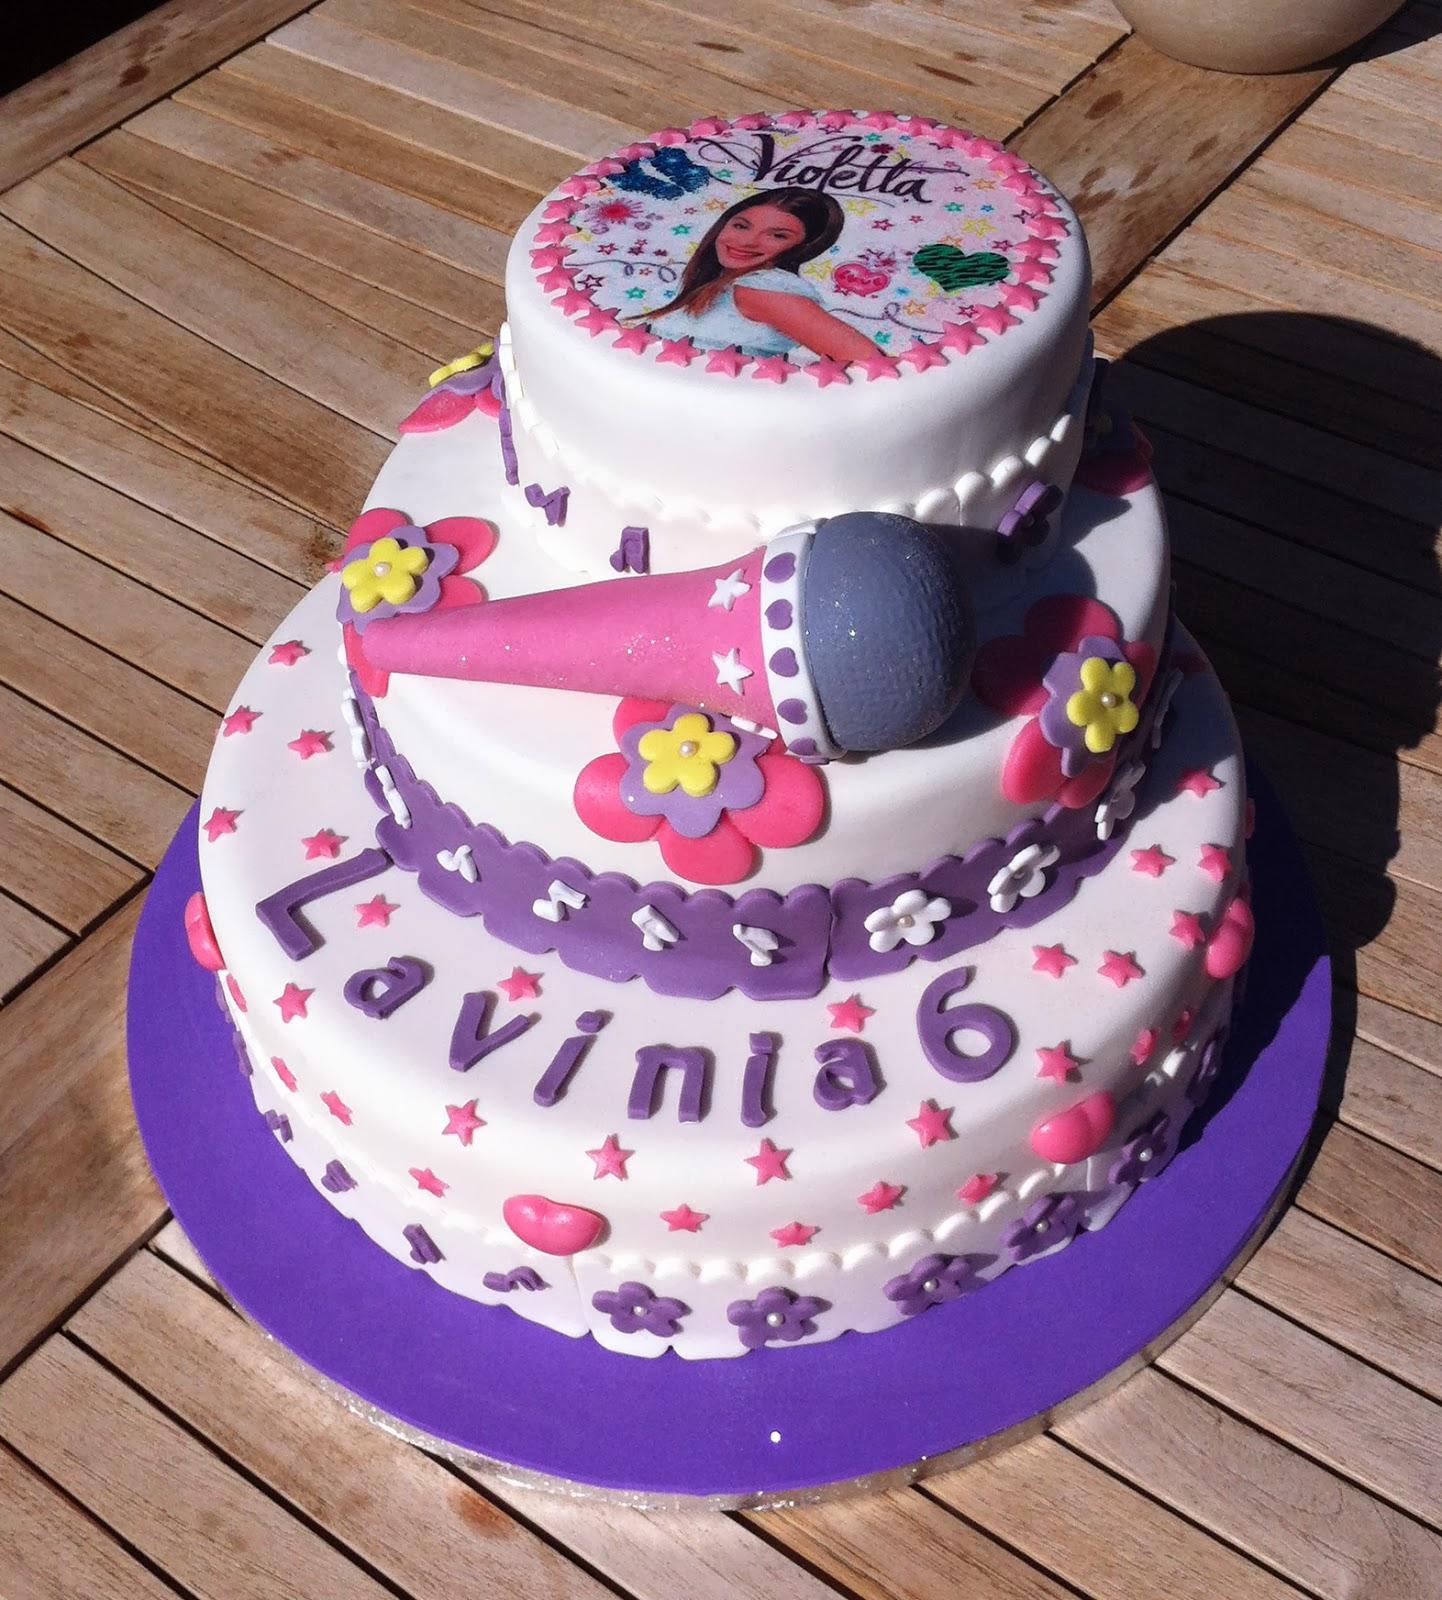 Cake Design Di Violetta : Le torte di Stefilla: Violetta Cake per la piccola ...